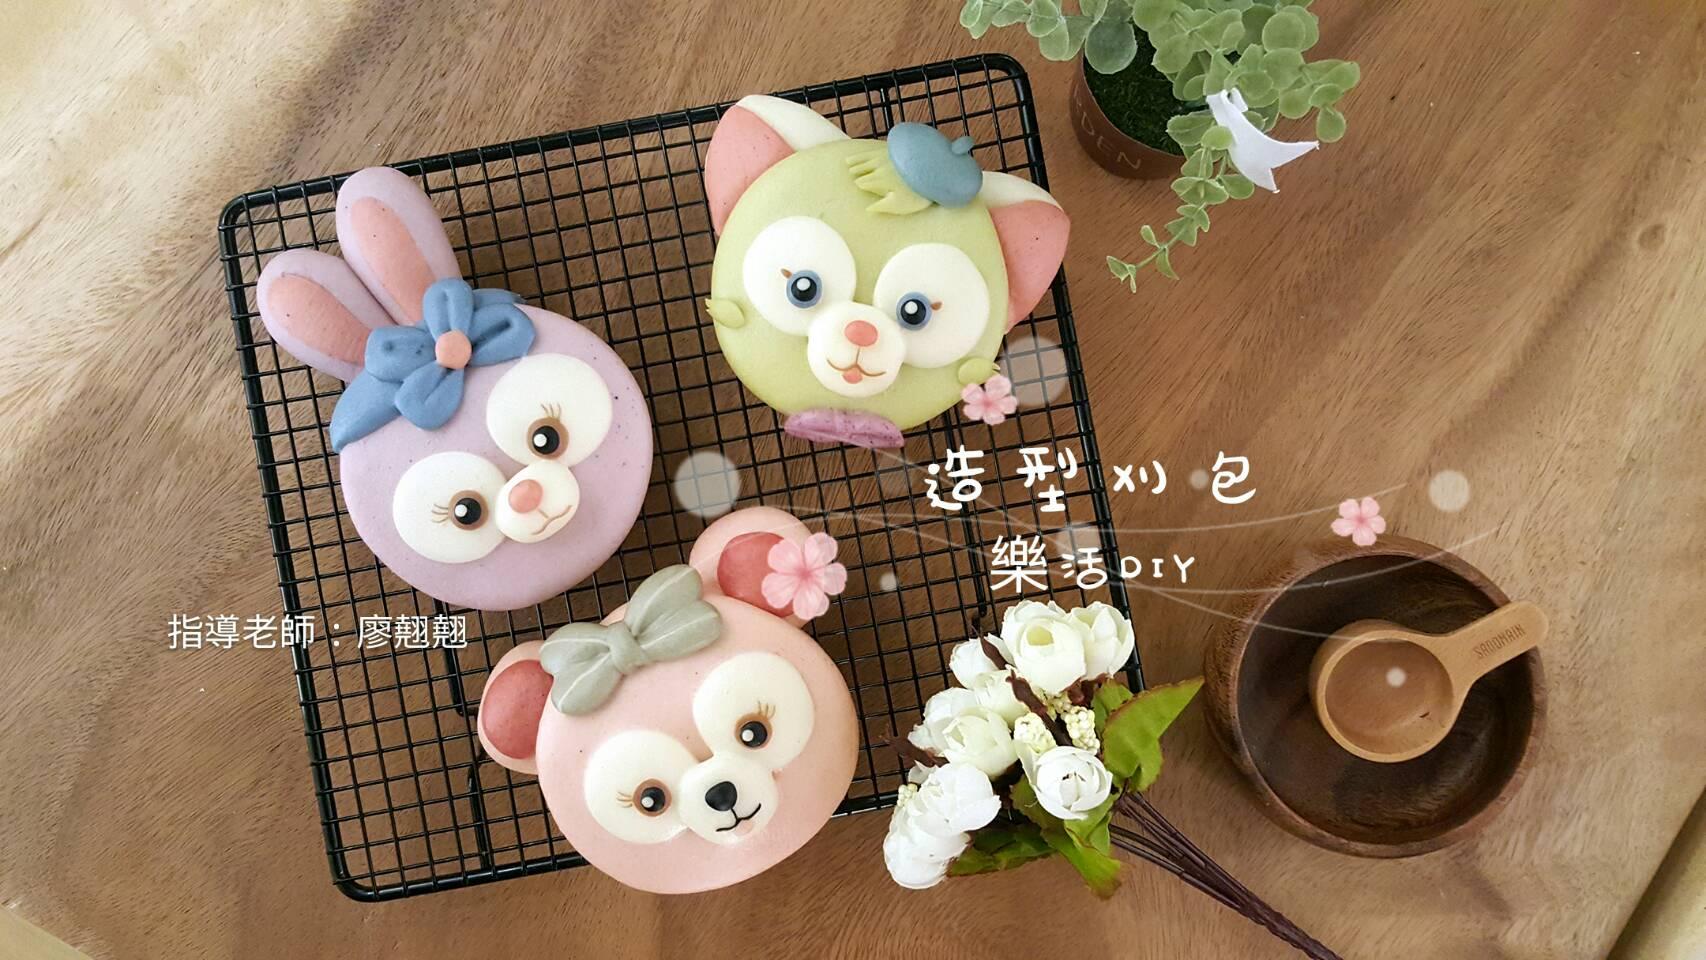 2017/10/24(二) 手作造型刈包 迪士尼卡通 達菲家族 進階班